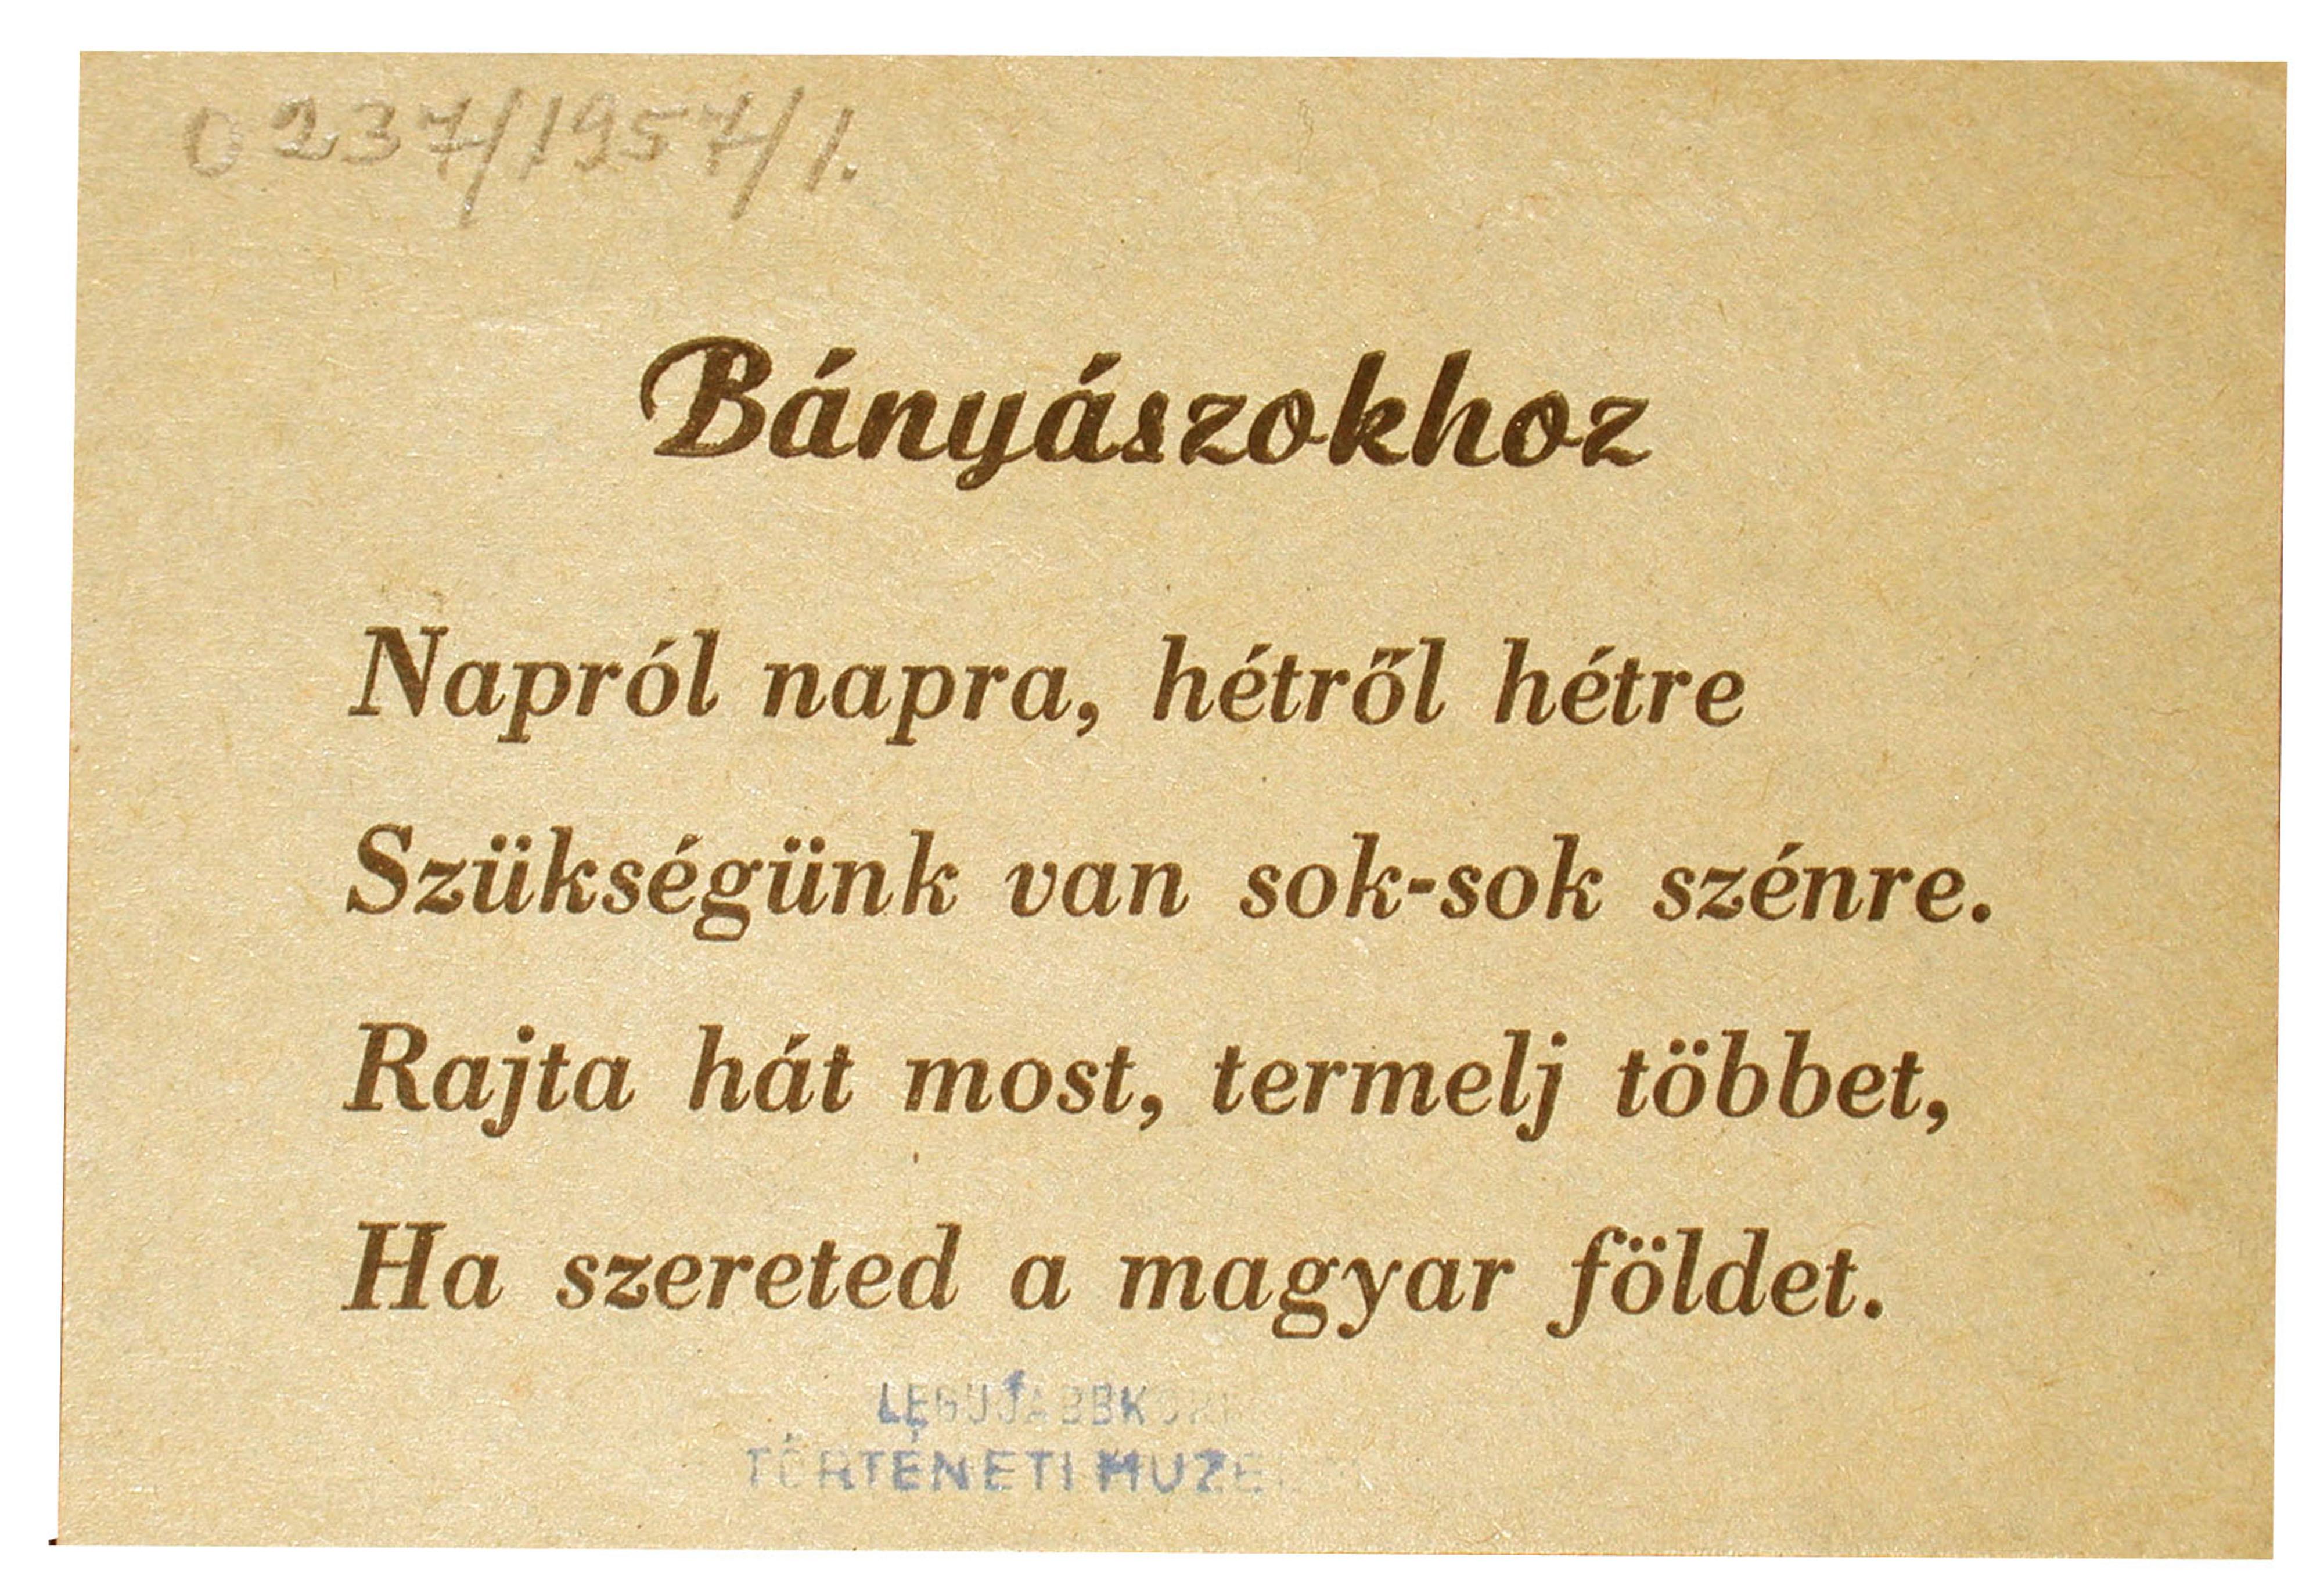 085_banyaszokhoz_cimu_roplap_1957-bol.jpg